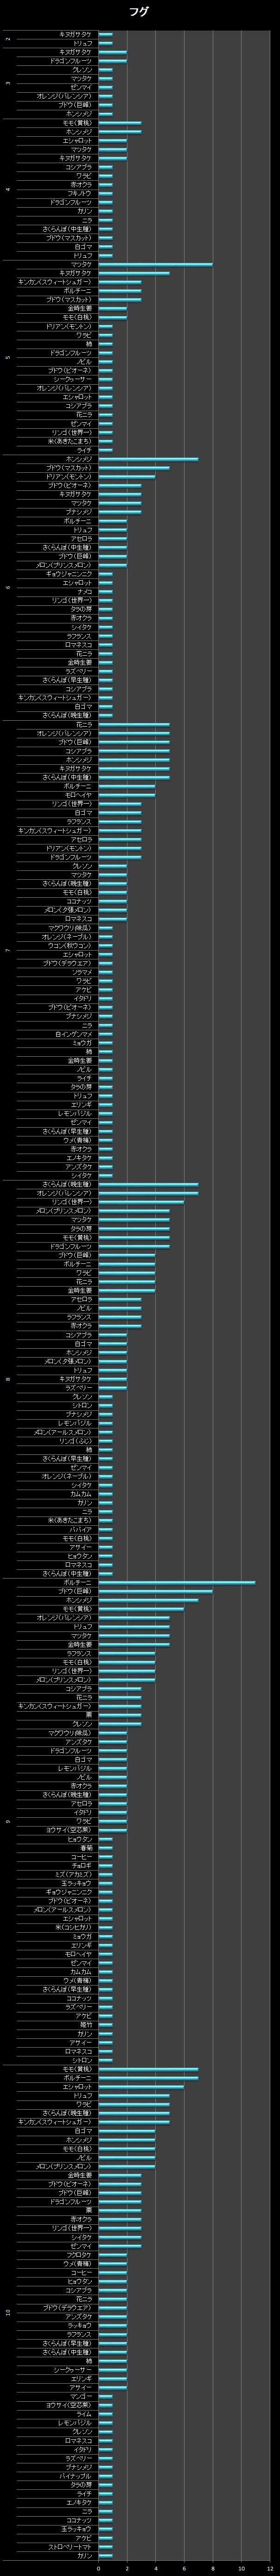 横棒グラフ/フグ